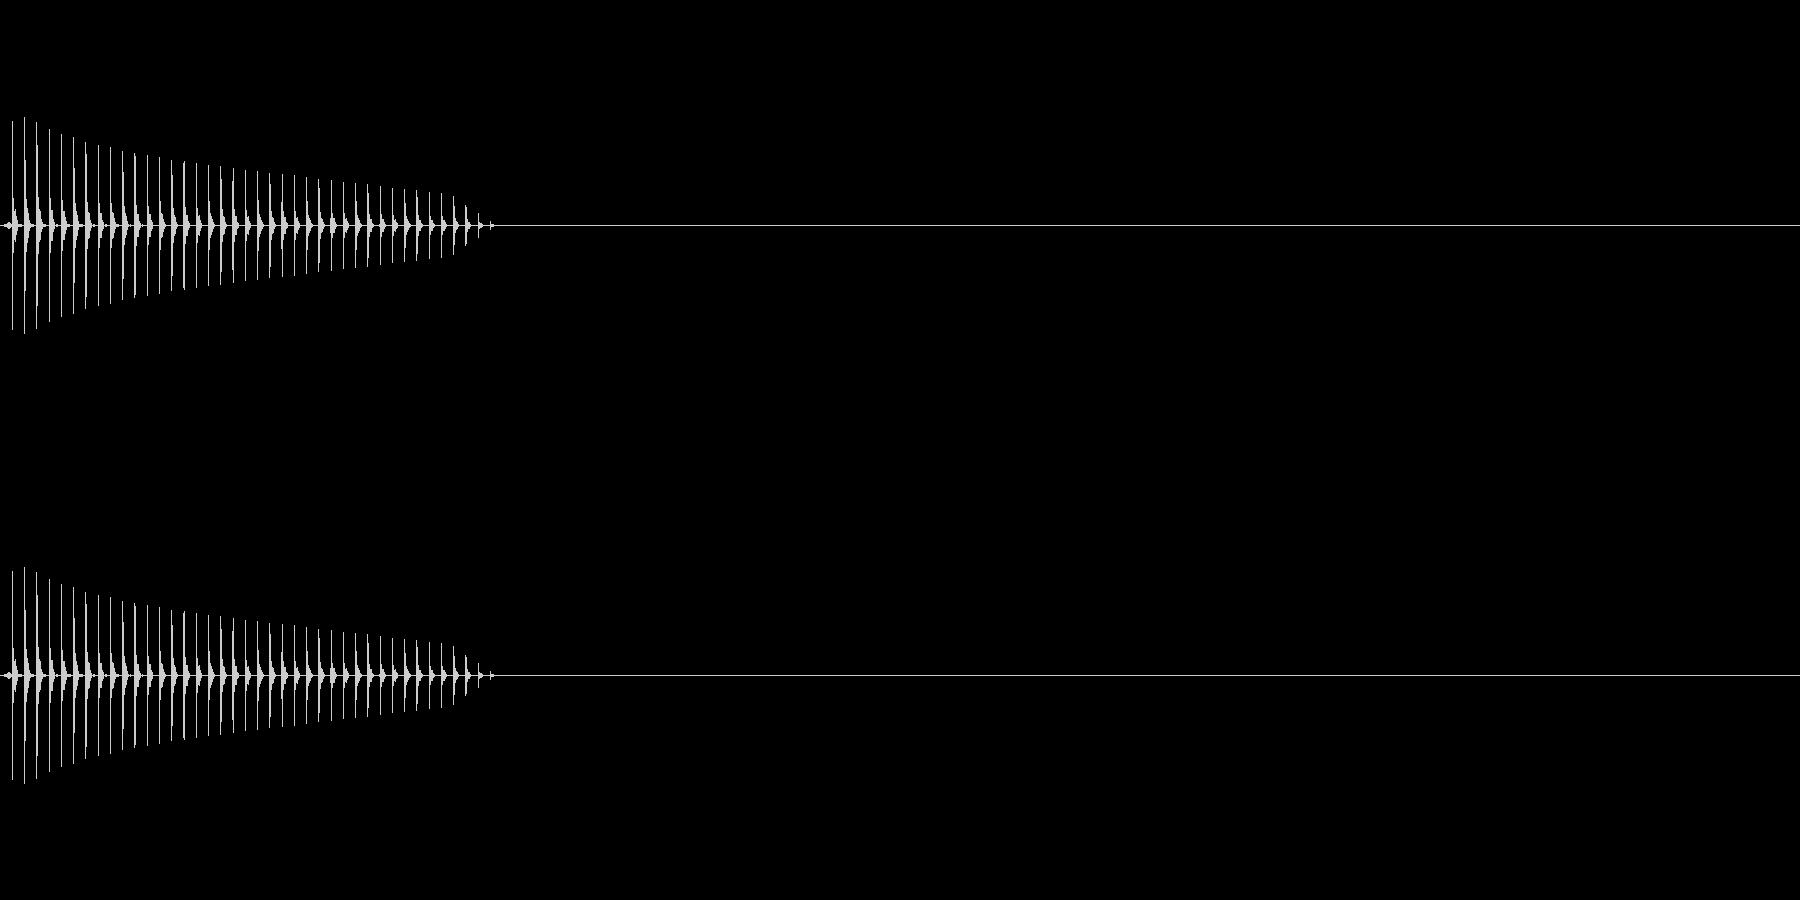 クイズの不正解時などになるような音の未再生の波形